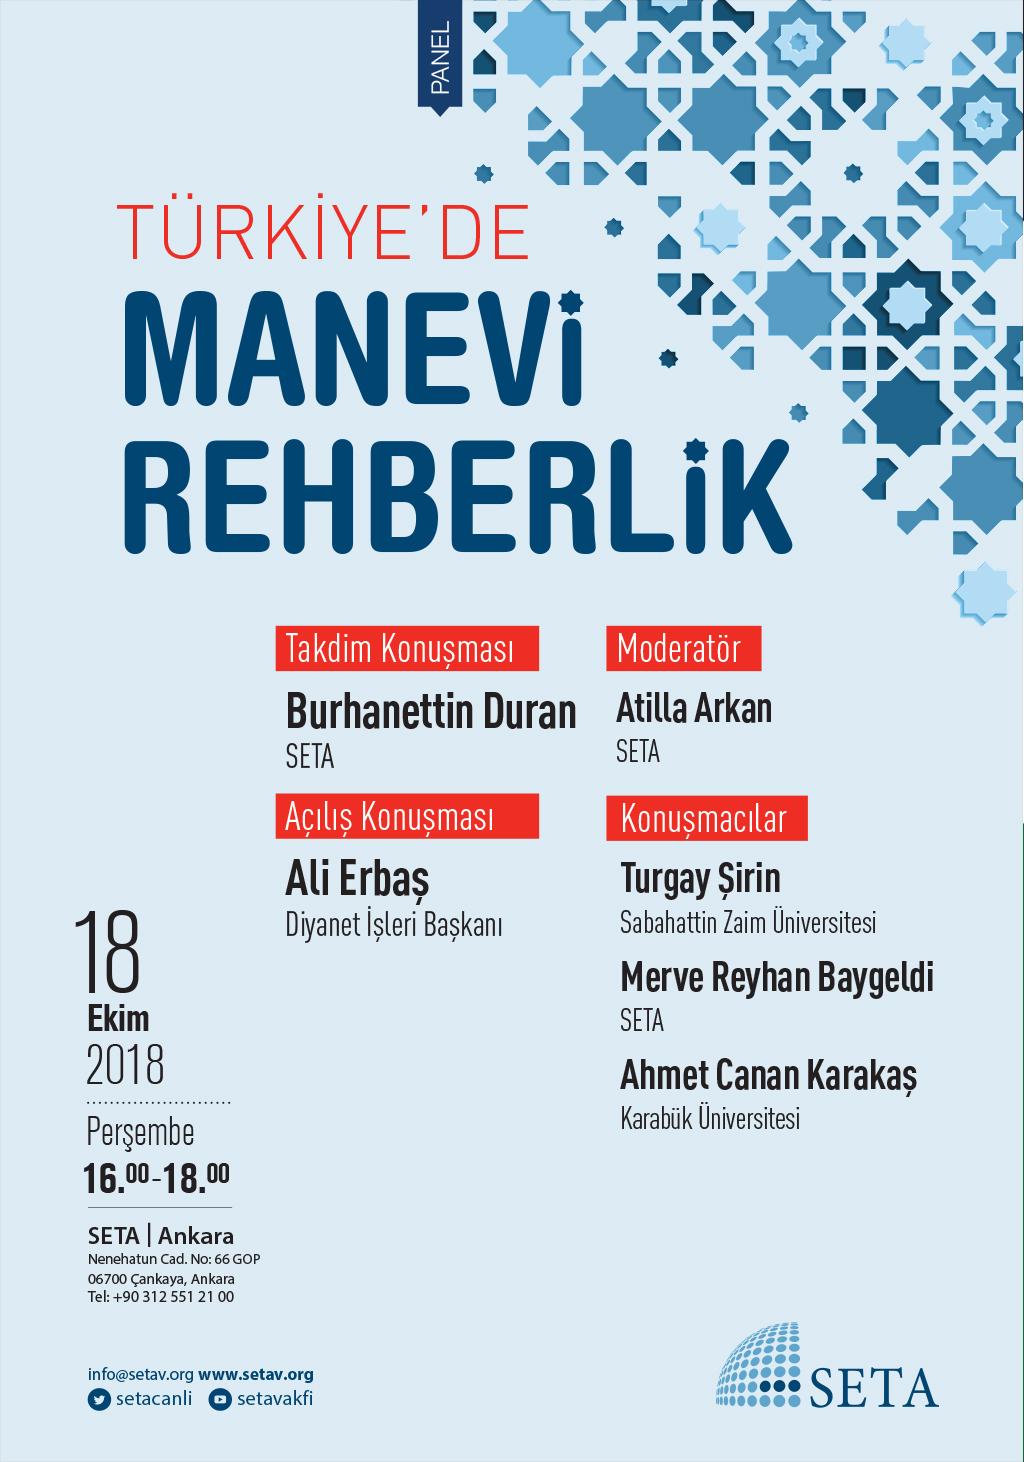 Panel: Türkiye'de Manevi Rehberlik